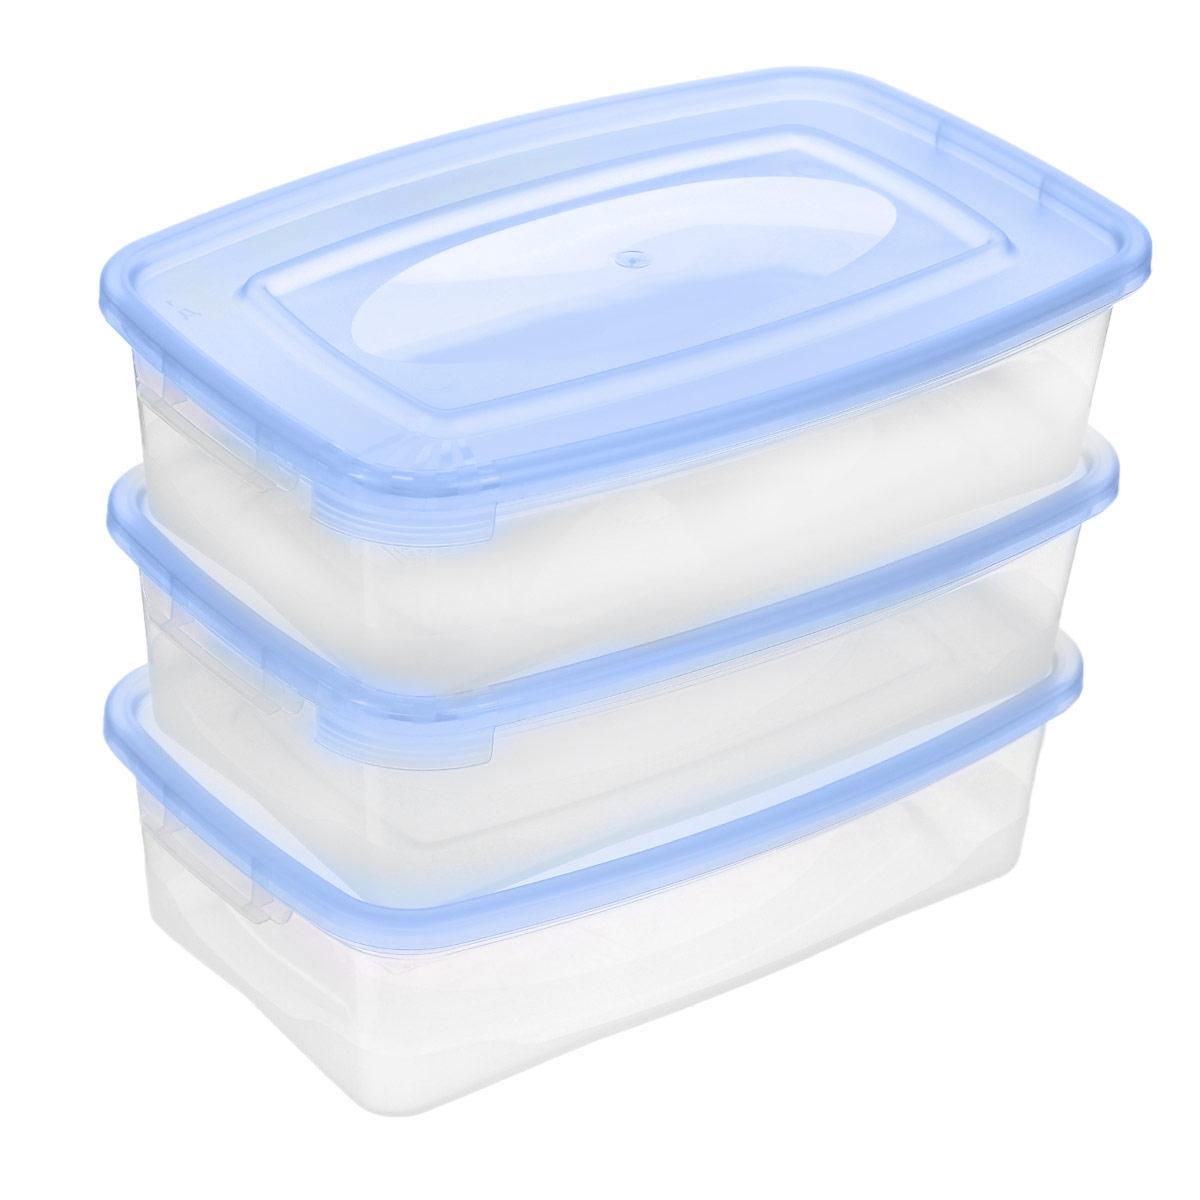 Набор контейнеров Полимербыт Каскад, цвет: голубой, 700 мл, 3 штС54001_голубойНабор контейнеров Полимербыт Каскад изготовлен из высококачественного прочного пластика, устойчивого к высоким температурам. Стенки контейнера прозрачные, что позволяет видеть содержимое. Цветная полупрозрачная крышка плотно закрывается. Контейнер идеально подходит для хранения пищи, его удобно брать с собой на работу, учебу, пикник или просто использовать для хранения пищи в холодильнике. Можно использовать в микроволновой печи при температуре до +120°С (при открытой крышке) и для заморозки в морозильной камере при температуре до -40°С. Можно мыть в посудомоечной машине. Комплектация: 3 шт.